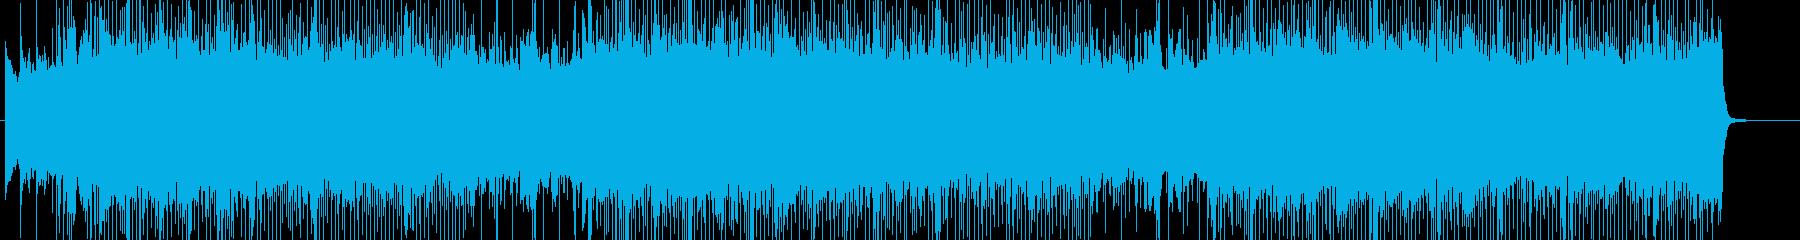 ダークロック、勢い、激しい BGM162の再生済みの波形